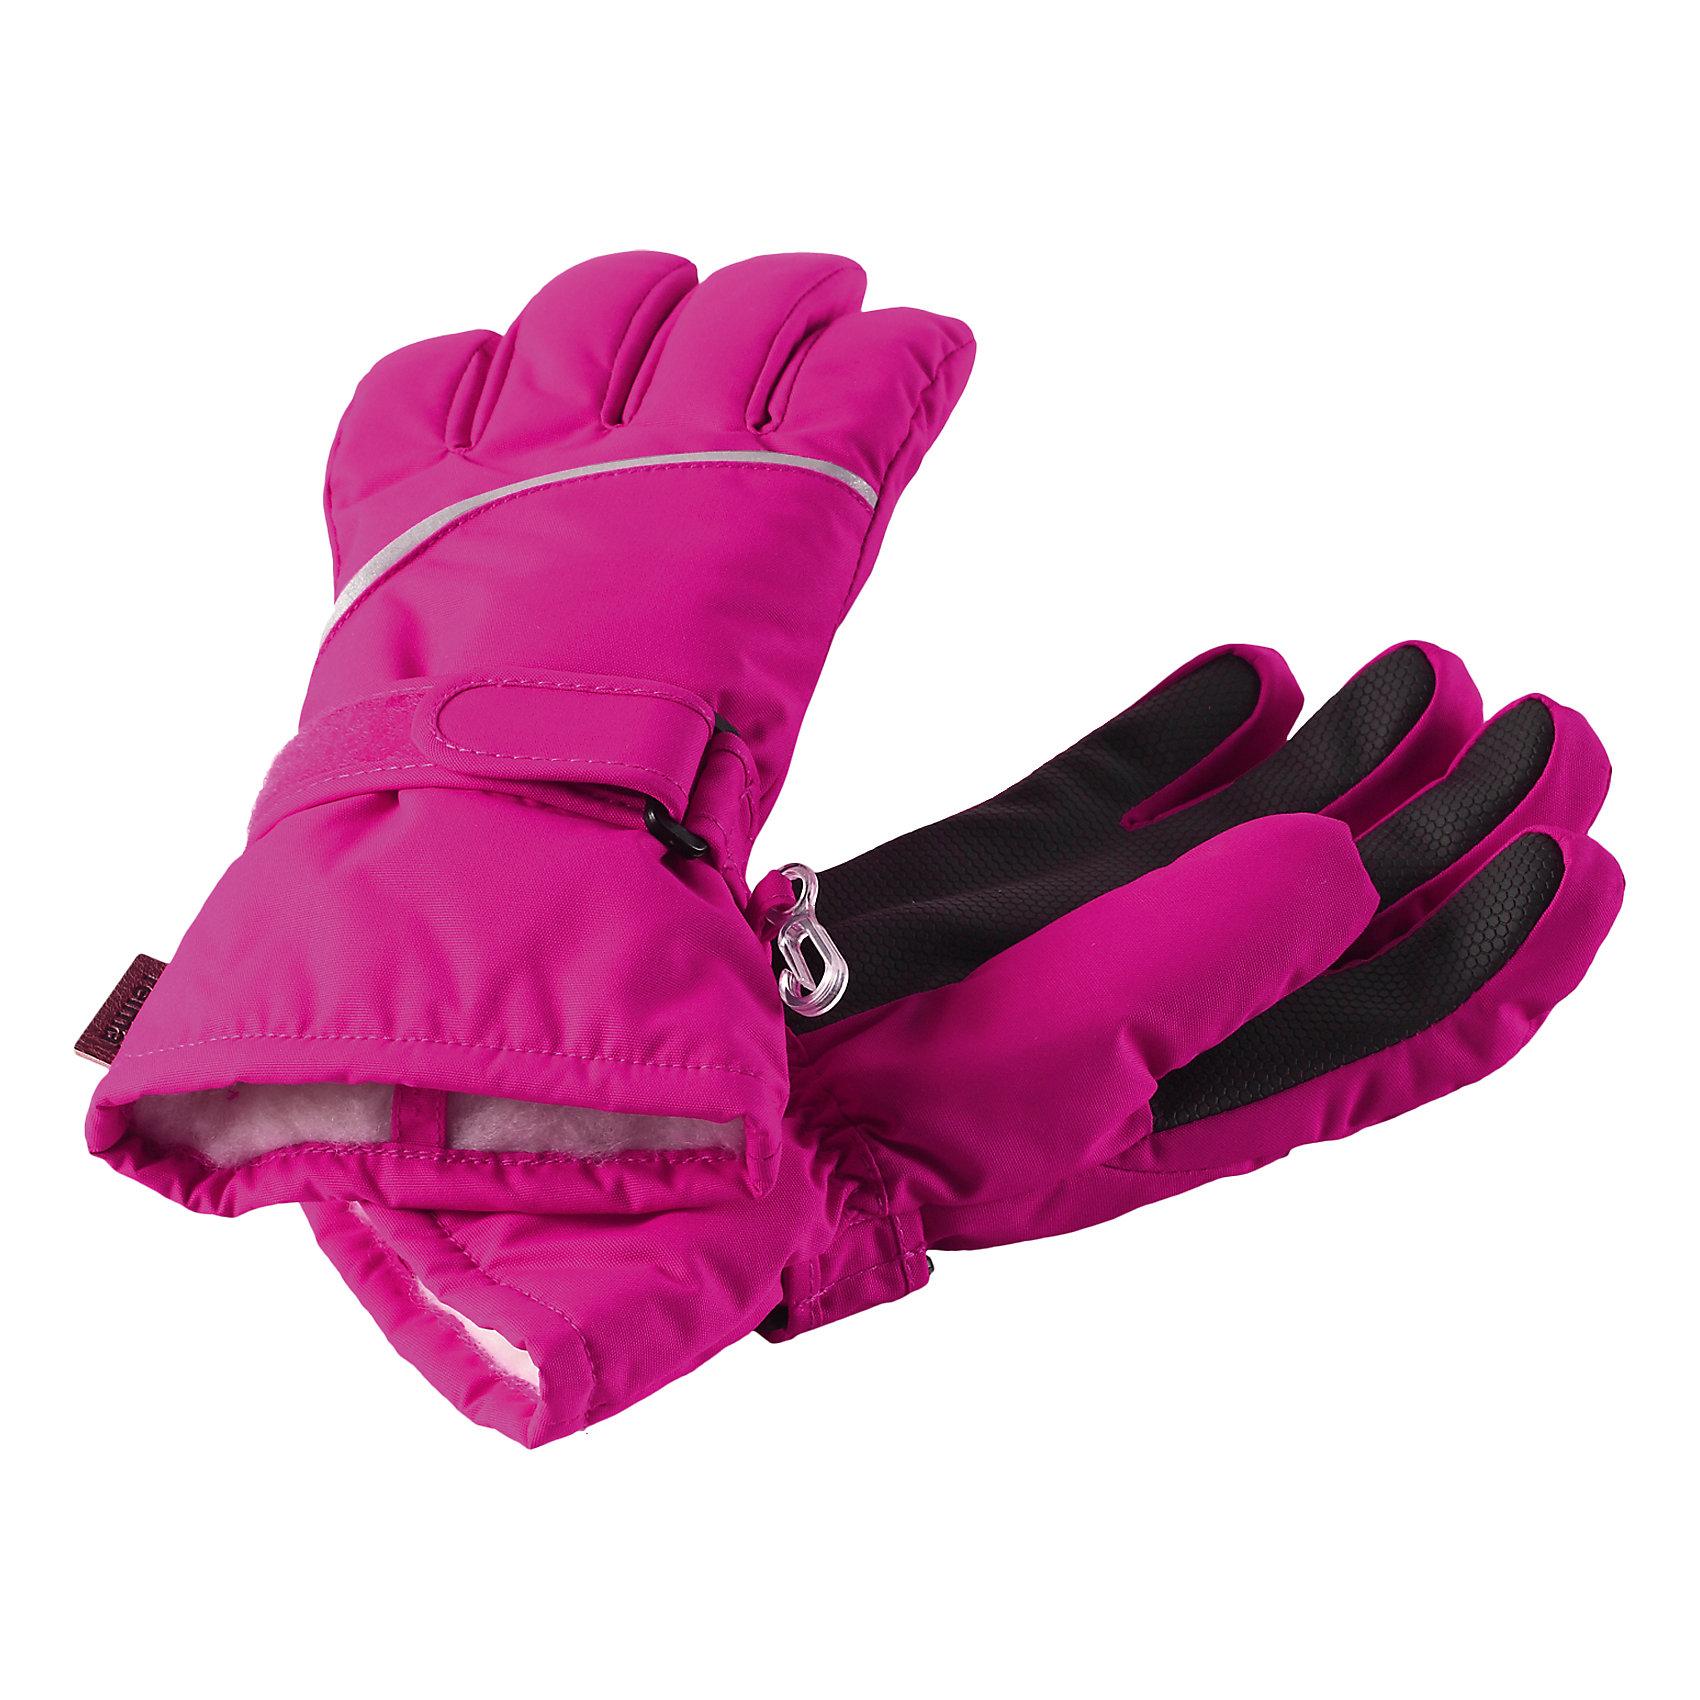 Перчатки Harald для девочки ReimaПерчатки, варежки<br>Перчатки  Reima<br>Зимние перчатки для детей. Водонепроницаемый материал, вставки отсутствуют — товар не является водонепроницаемым. Водо- и ветронепроницаемый и грязеотталкивающий материал. Накладки на ладонях, кончиках пальцев и больших пальцах. Теплая ворсистая подкладка из ткани из смеси шерсти. Средняя степень утепления. Простая застежка на липучке. Логотип Reima® сбоку. Светоотражающие полосы.<br>Утеплитель: Reima® Comfortinsulation,80 g<br>Уход:<br>Стирать по отдельности. Стирать моющим средством, не содержащим отбеливающие вещества. Полоскать без специального средства. Сушить при низкой температуре. <br>Состав:<br>100% Полиамид, полиуретановое покрытие<br><br>Ширина мм: 162<br>Глубина мм: 171<br>Высота мм: 55<br>Вес г: 119<br>Цвет: розовый<br>Возраст от месяцев: 144<br>Возраст до месяцев: 168<br>Пол: Женский<br>Возраст: Детский<br>Размер: 8,3,4,5,6,7<br>SKU: 4779792